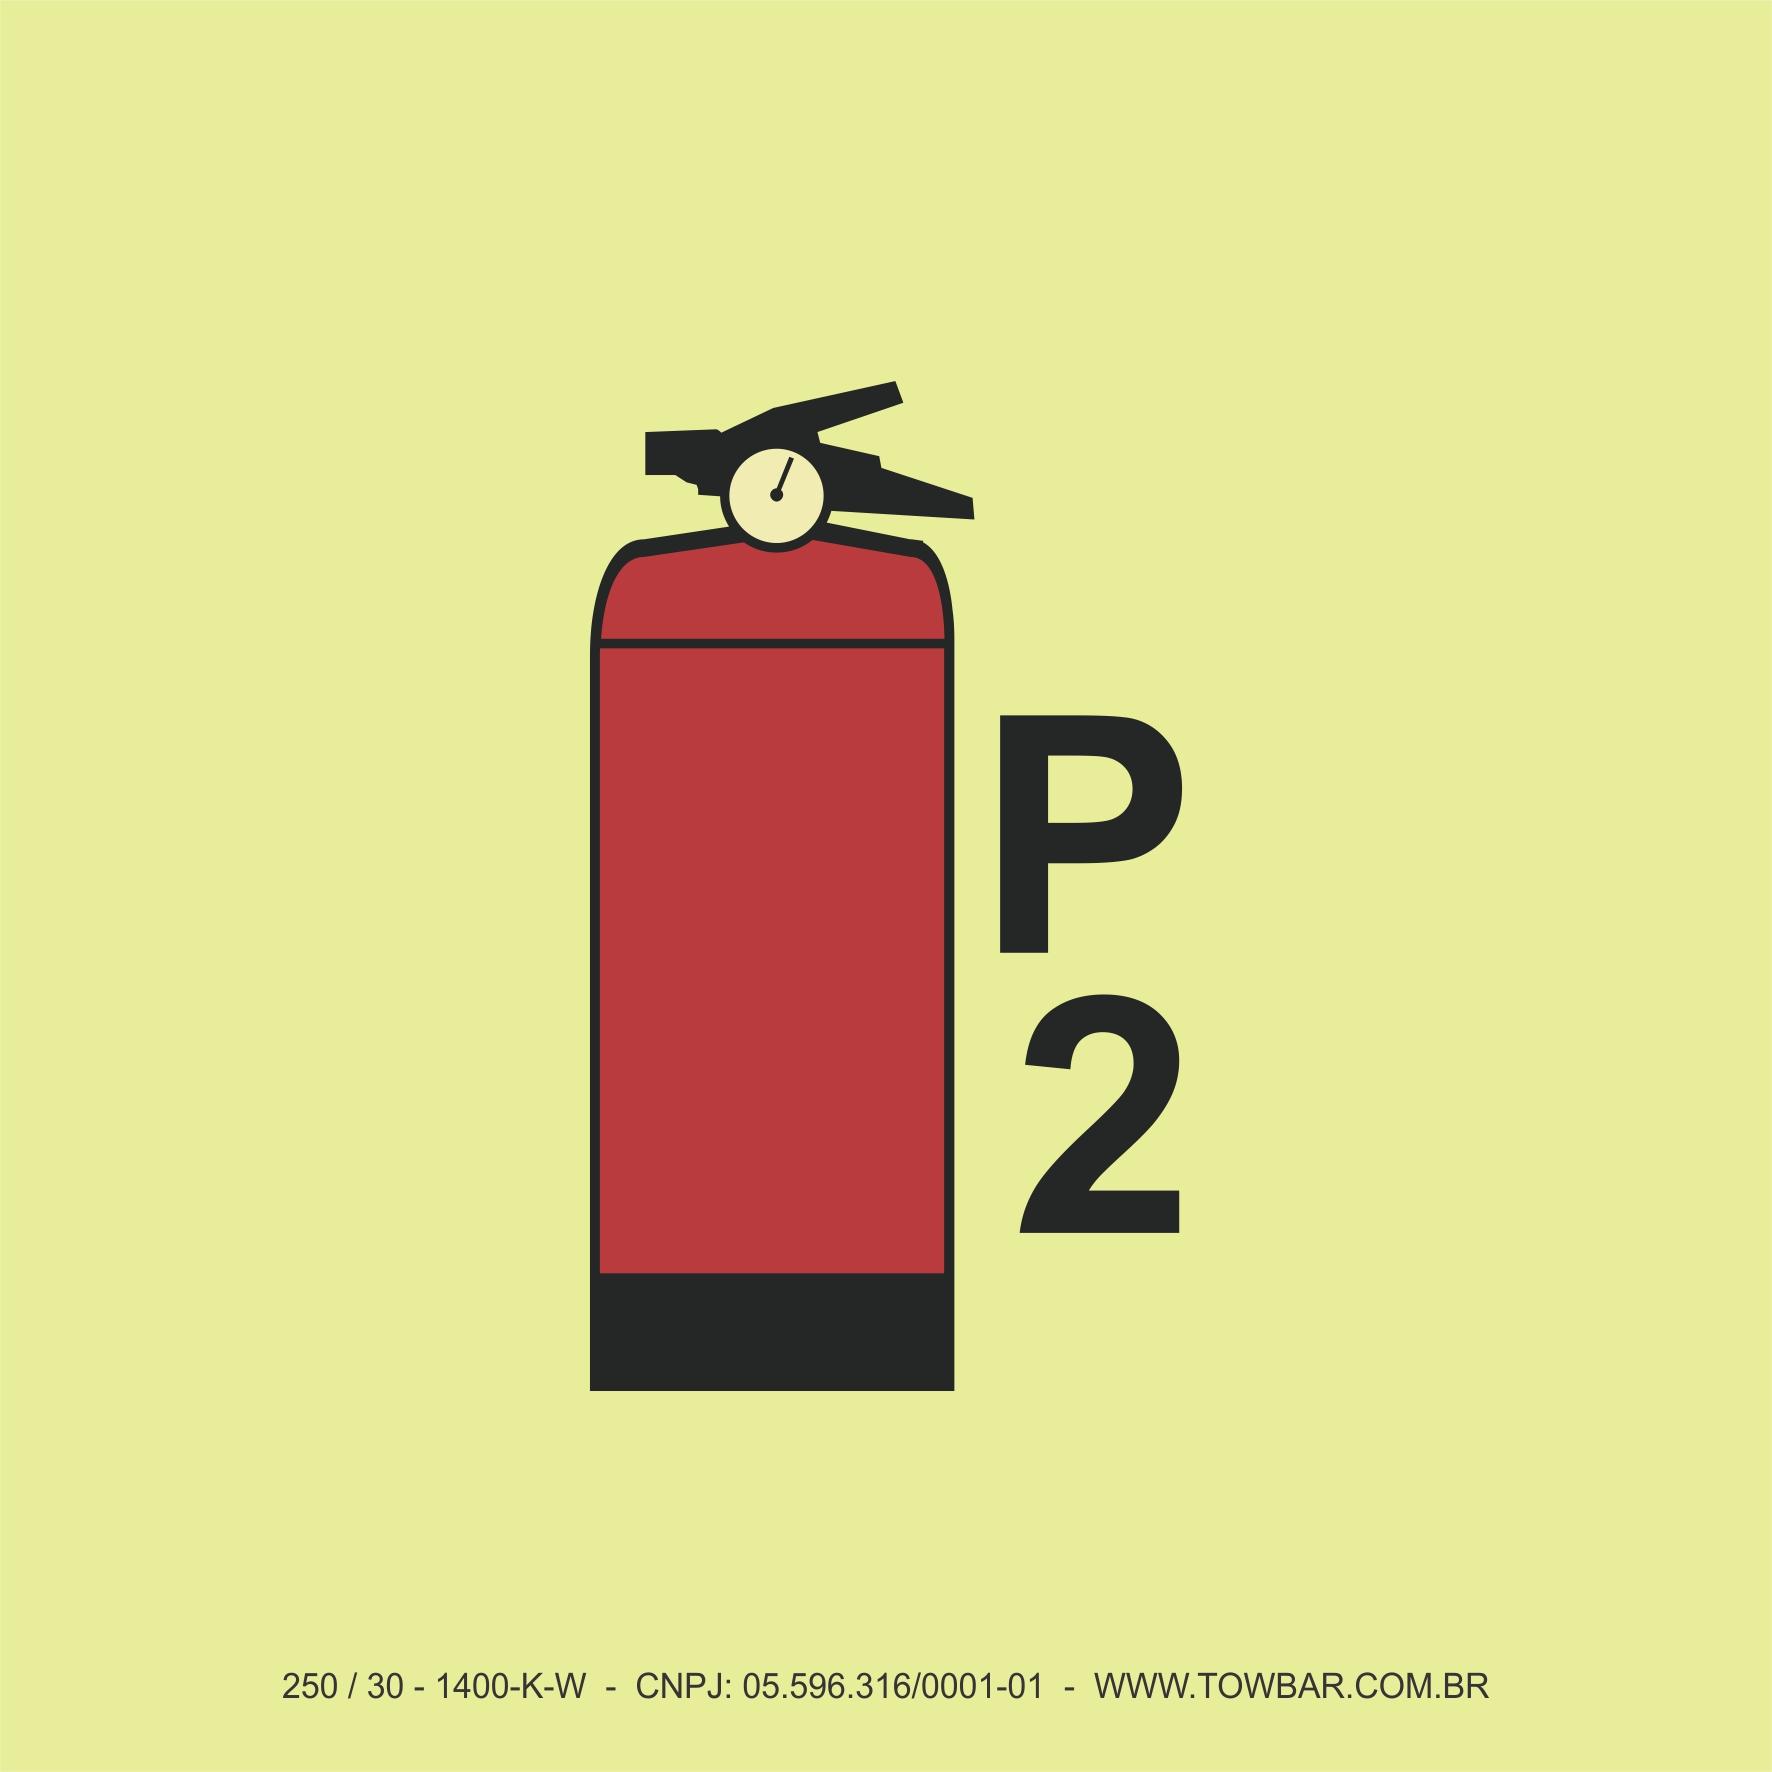 Extintor de Incêndio Portátil (Portable Fire Extinguishers)  - Towbar Sinalização de Segurança